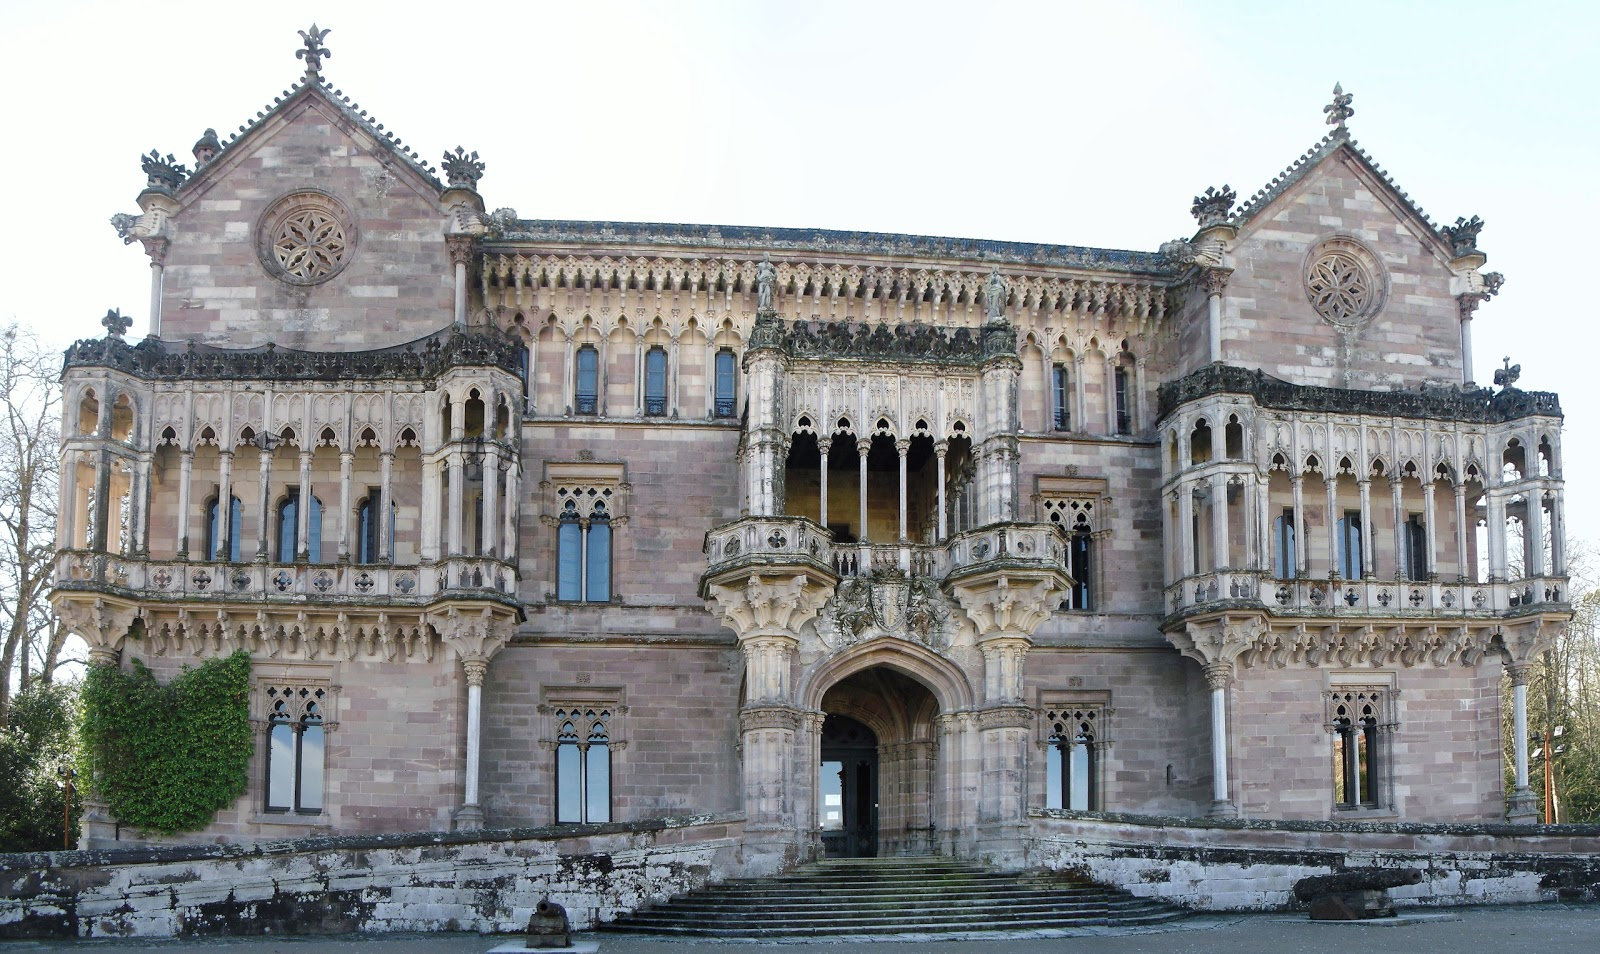 Palacio-de-Sobrellano-02